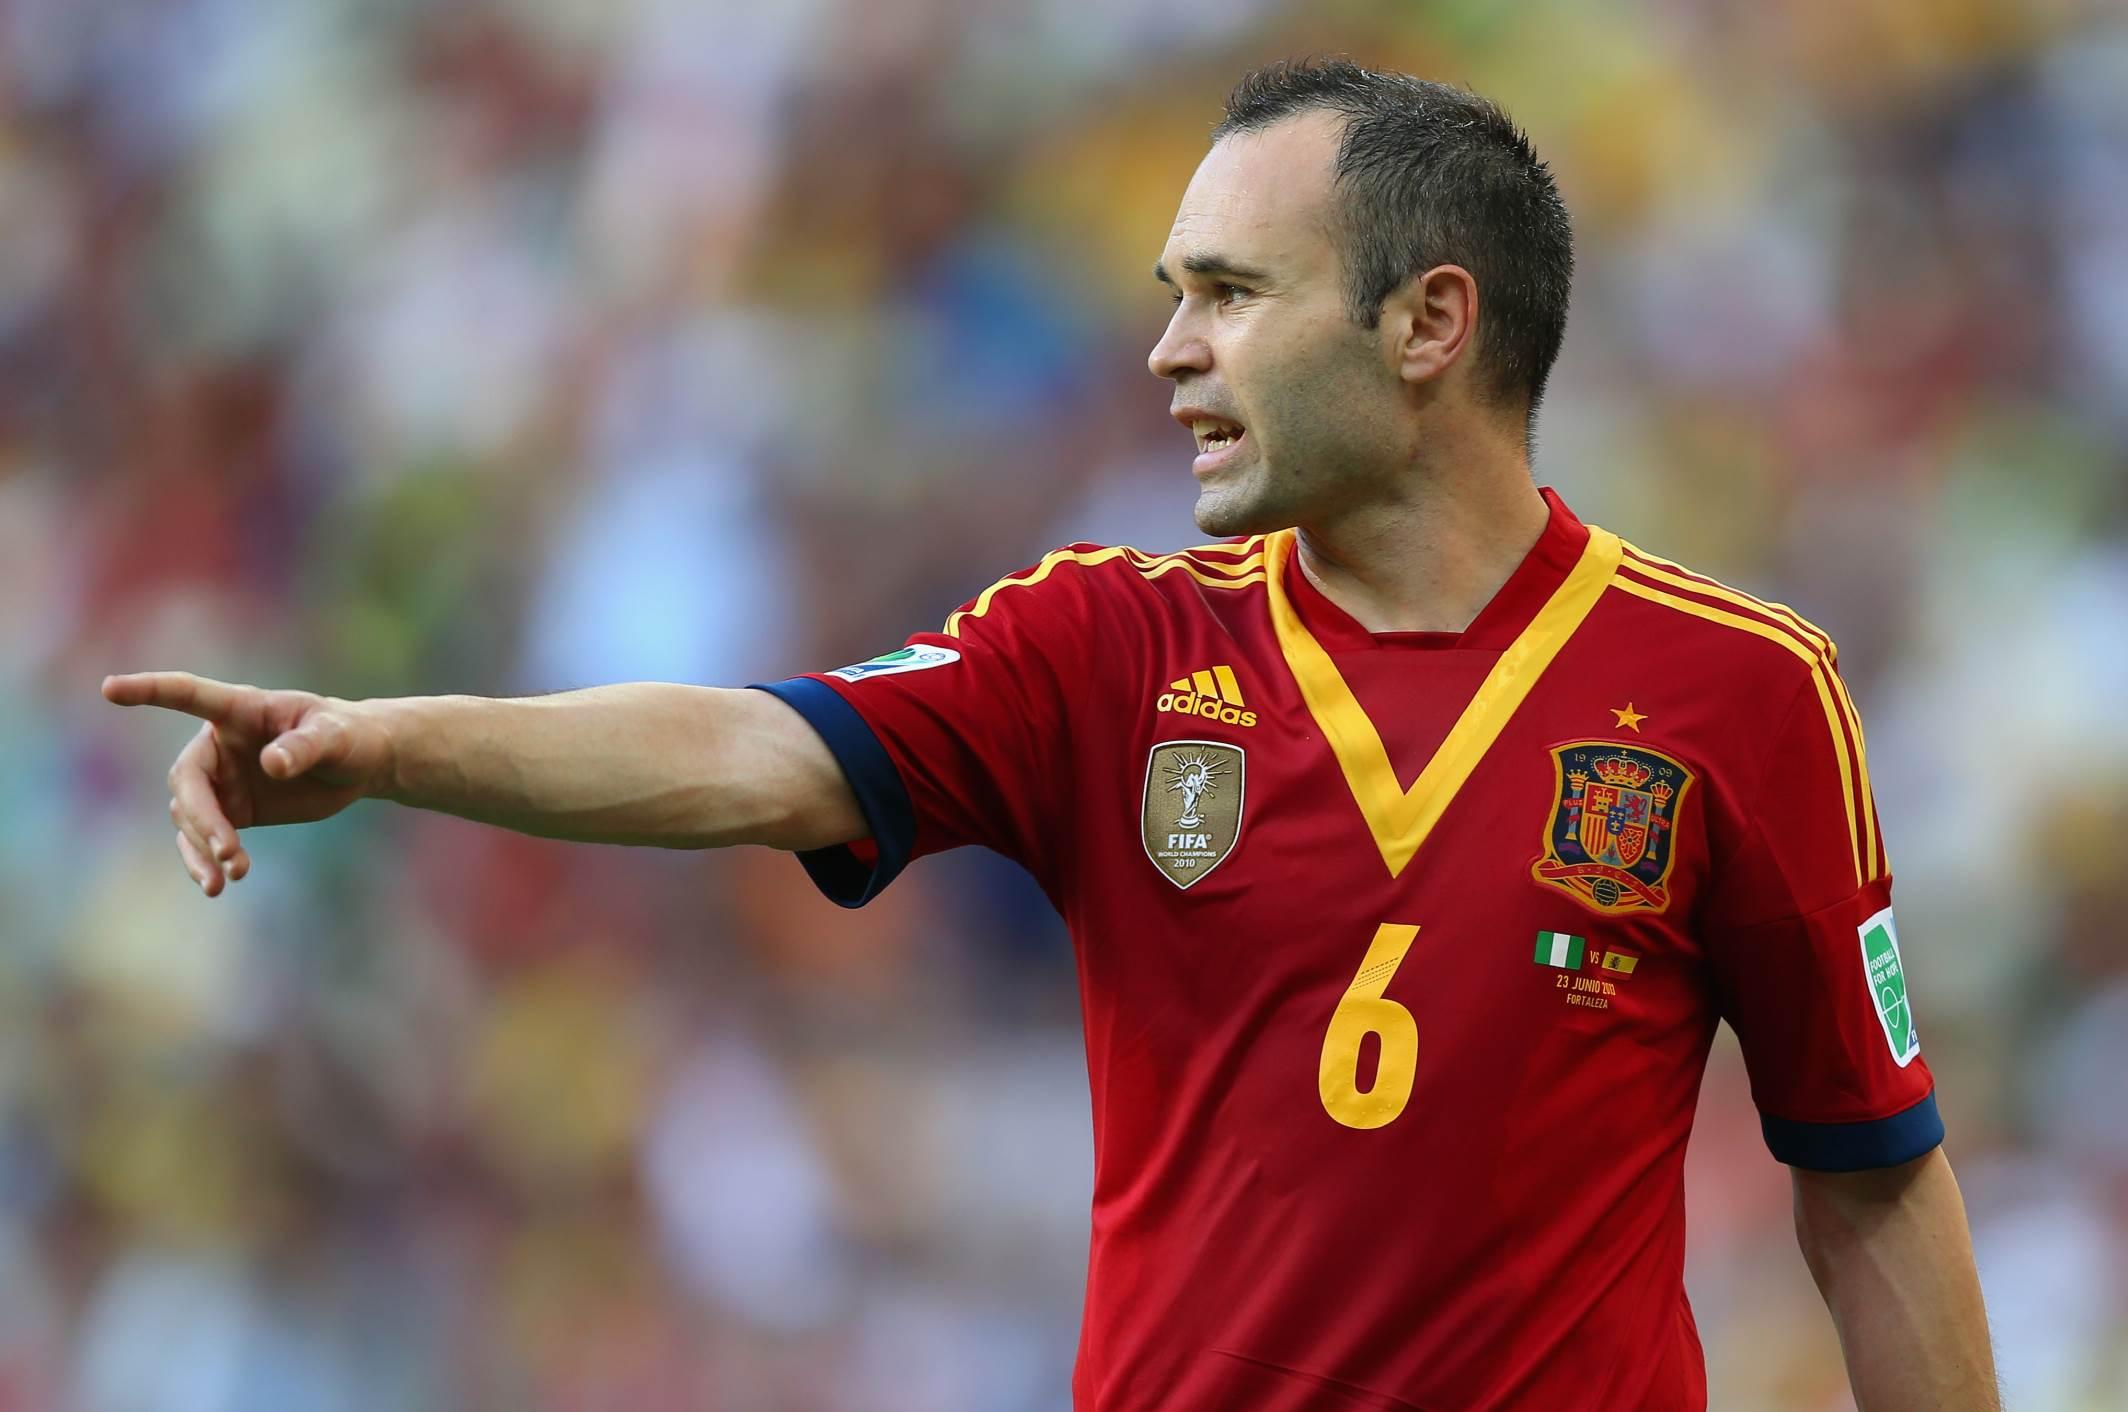 Los 5 mejores jugadores en la historia de la Selección para Iniesta